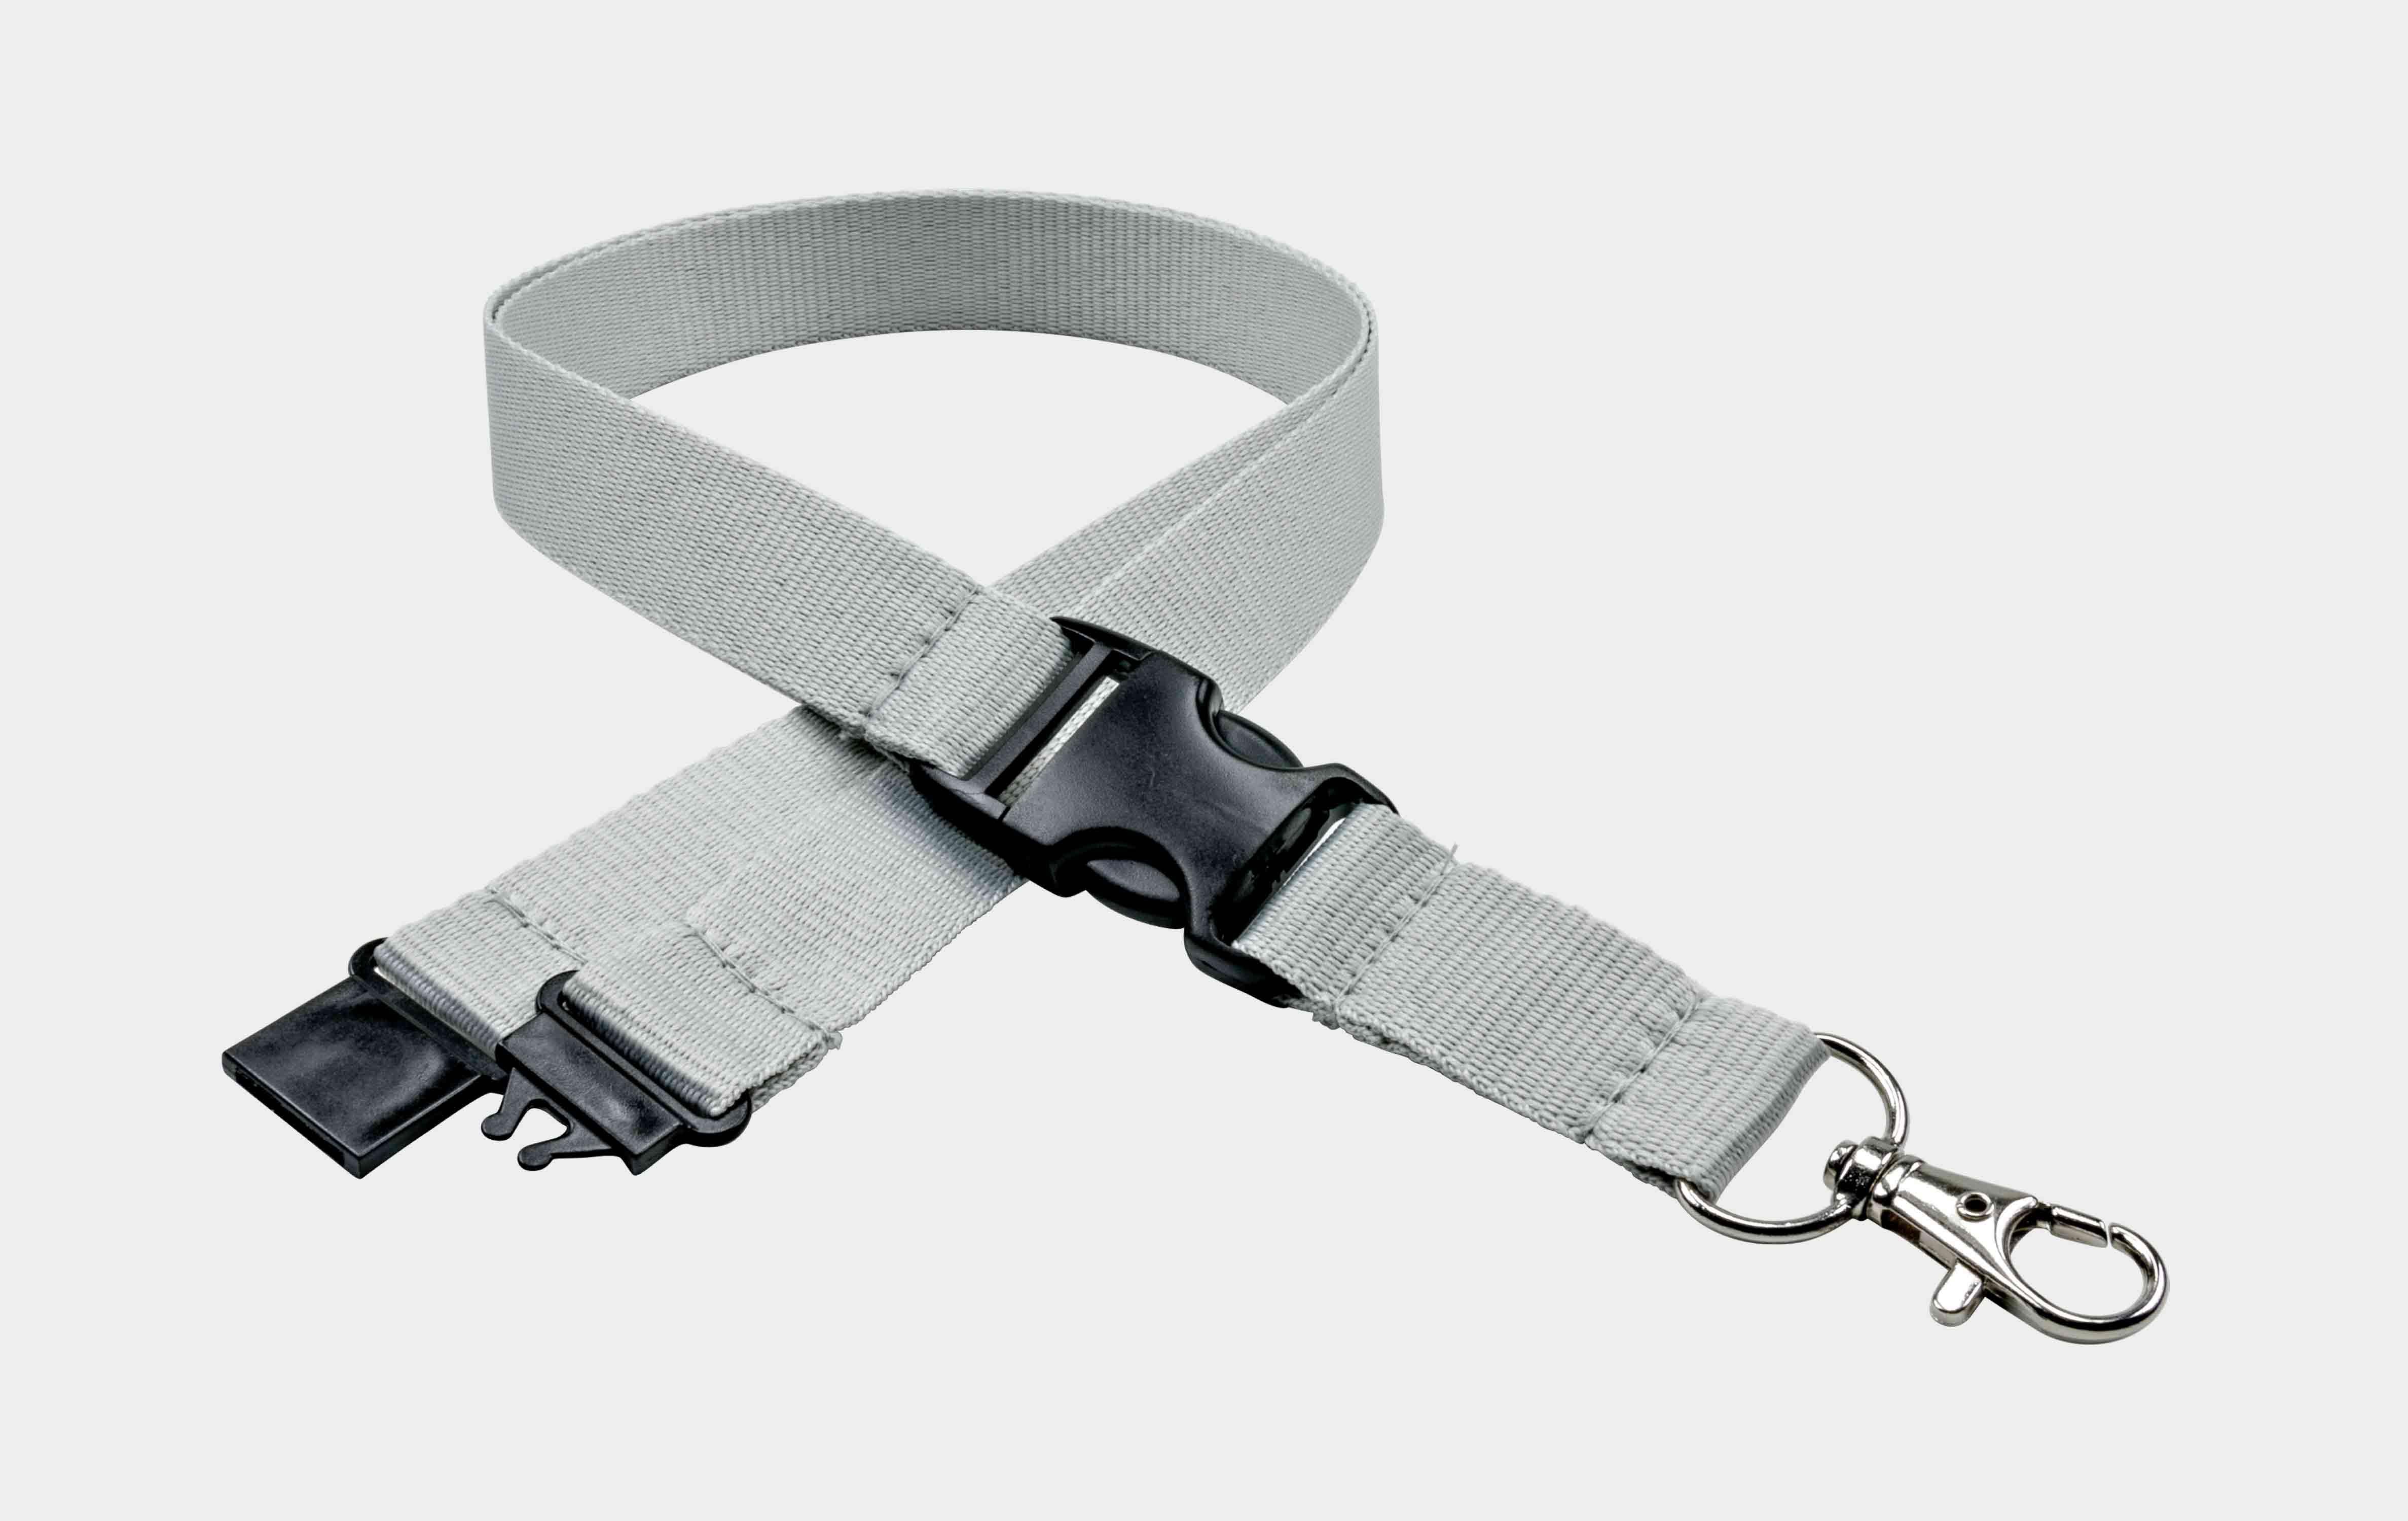 10 Stück Schlüsselbänder 20 mm, 2x easy going Haken, Sicherheitsverschluss, Schiebeschnalle, Grau